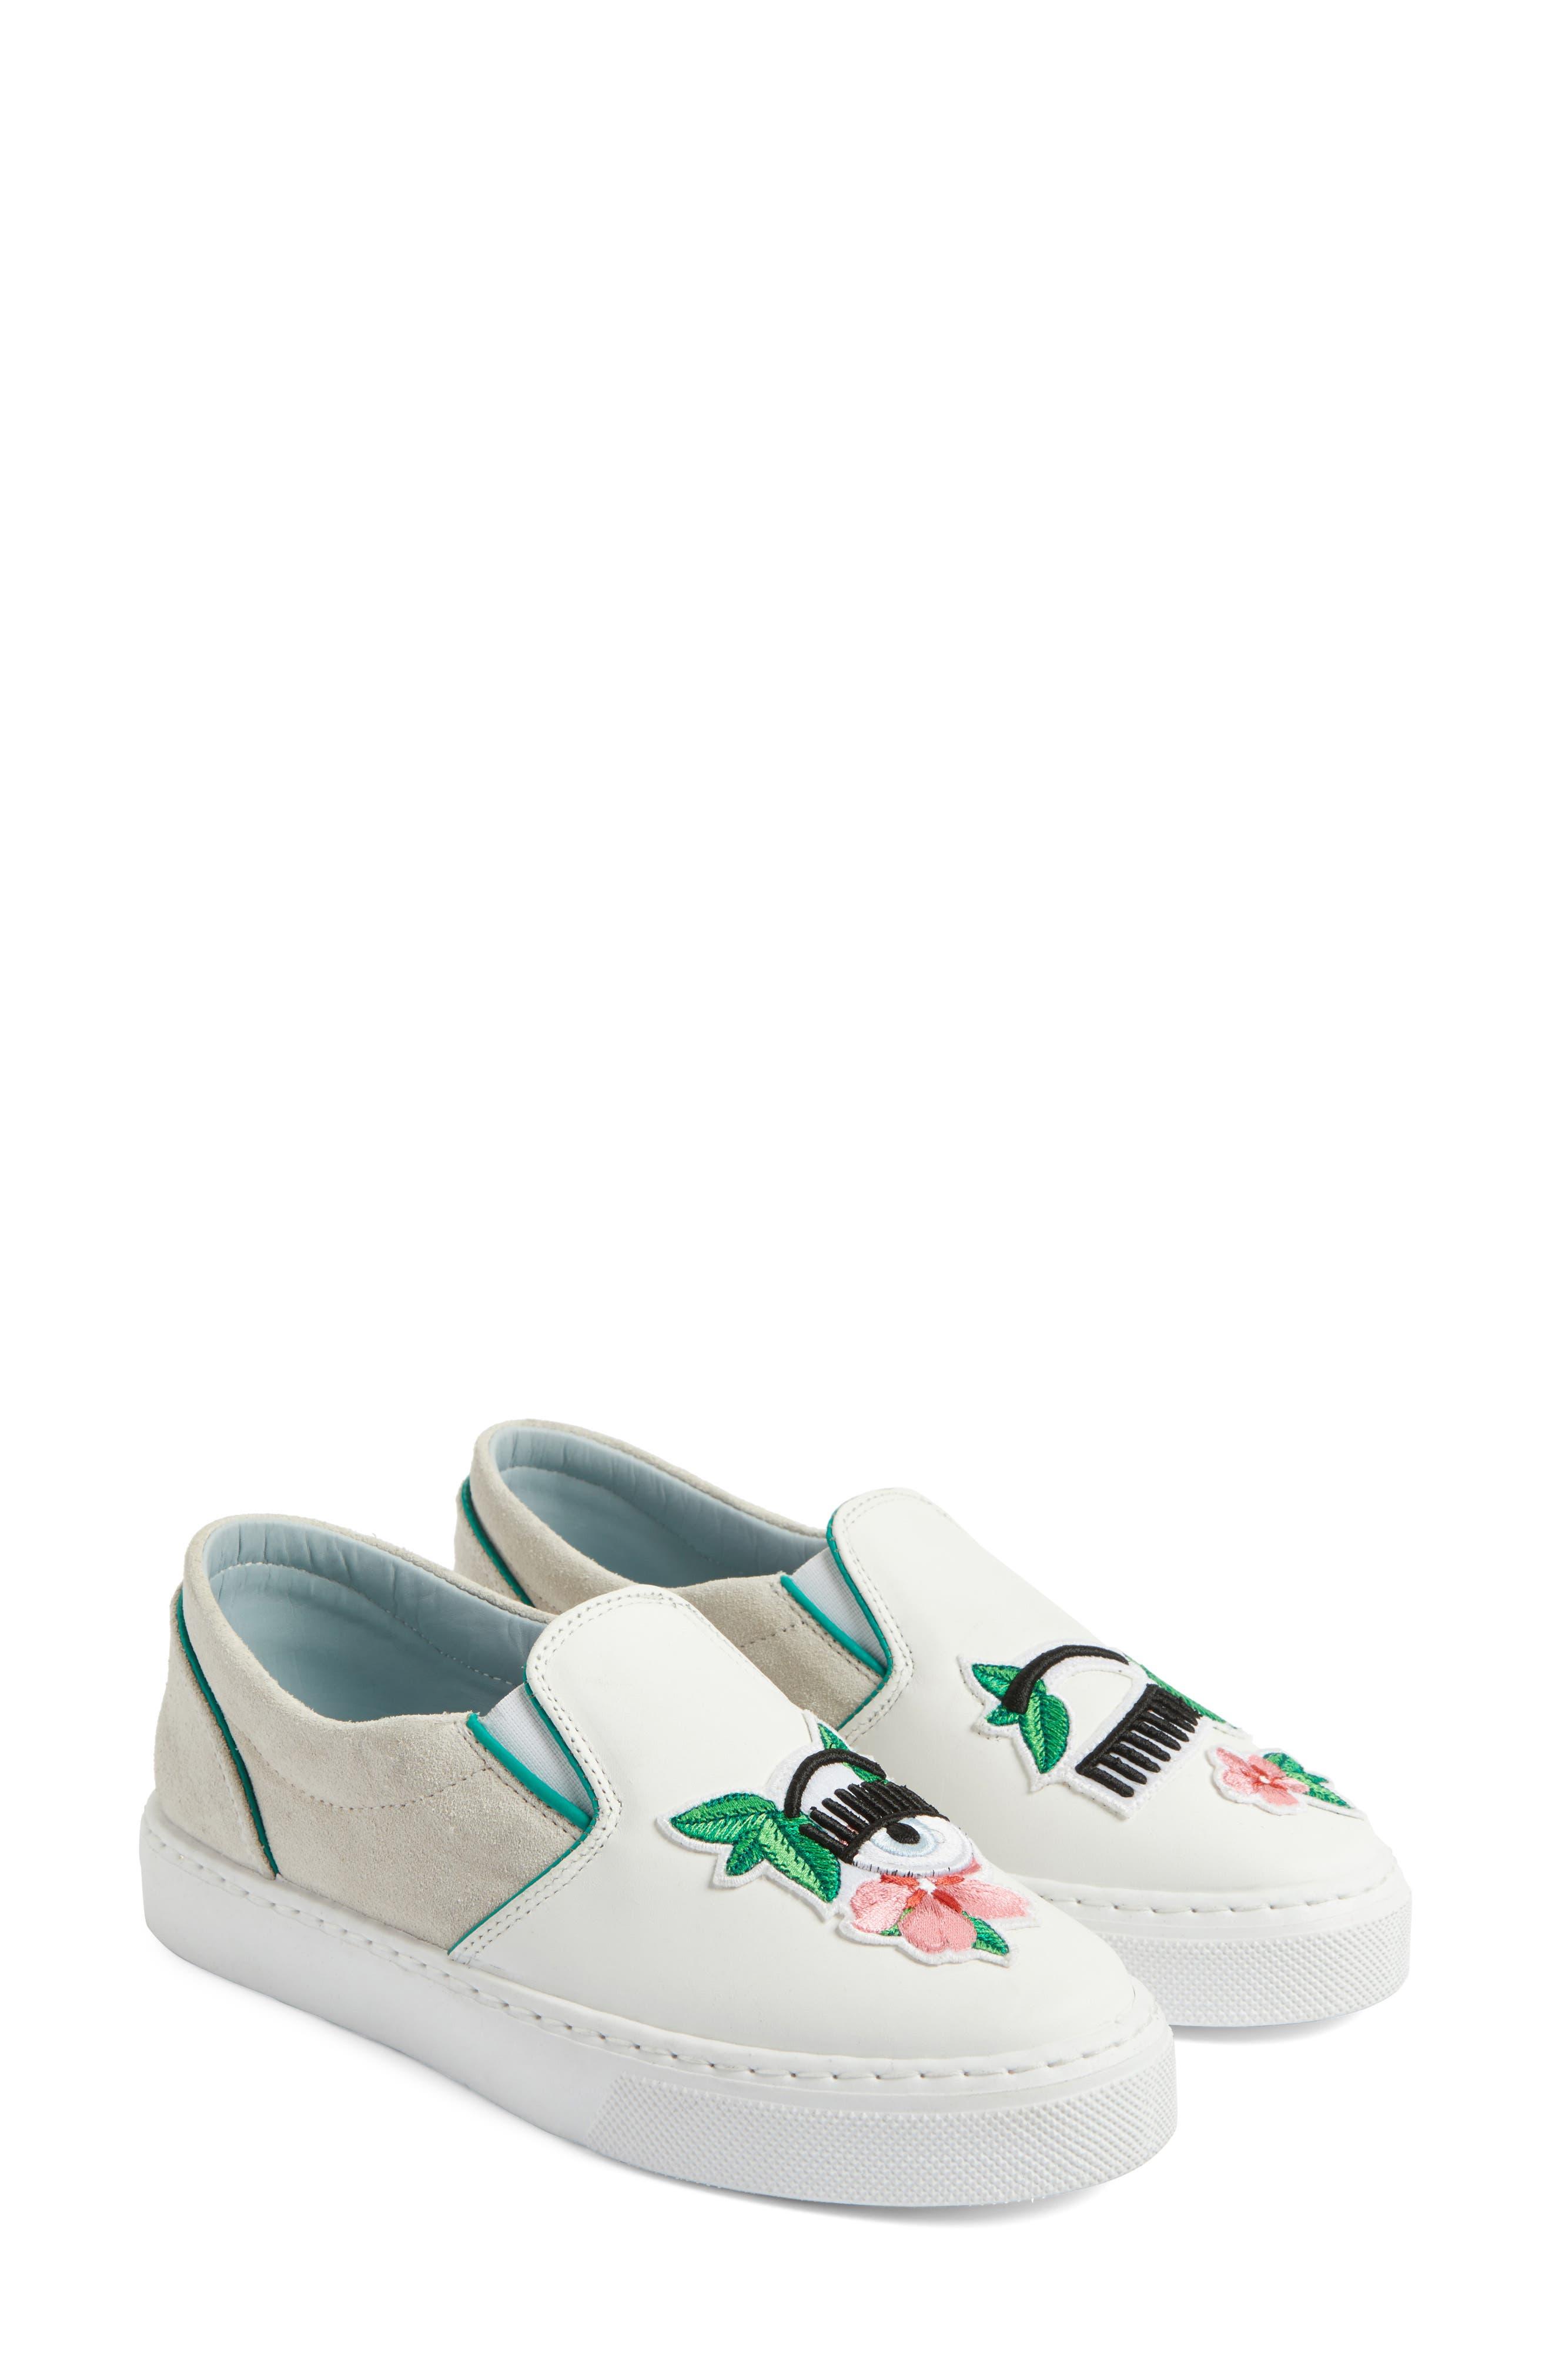 Flower Power Slip-On Sneaker,                             Alternate thumbnail 2, color,                             168